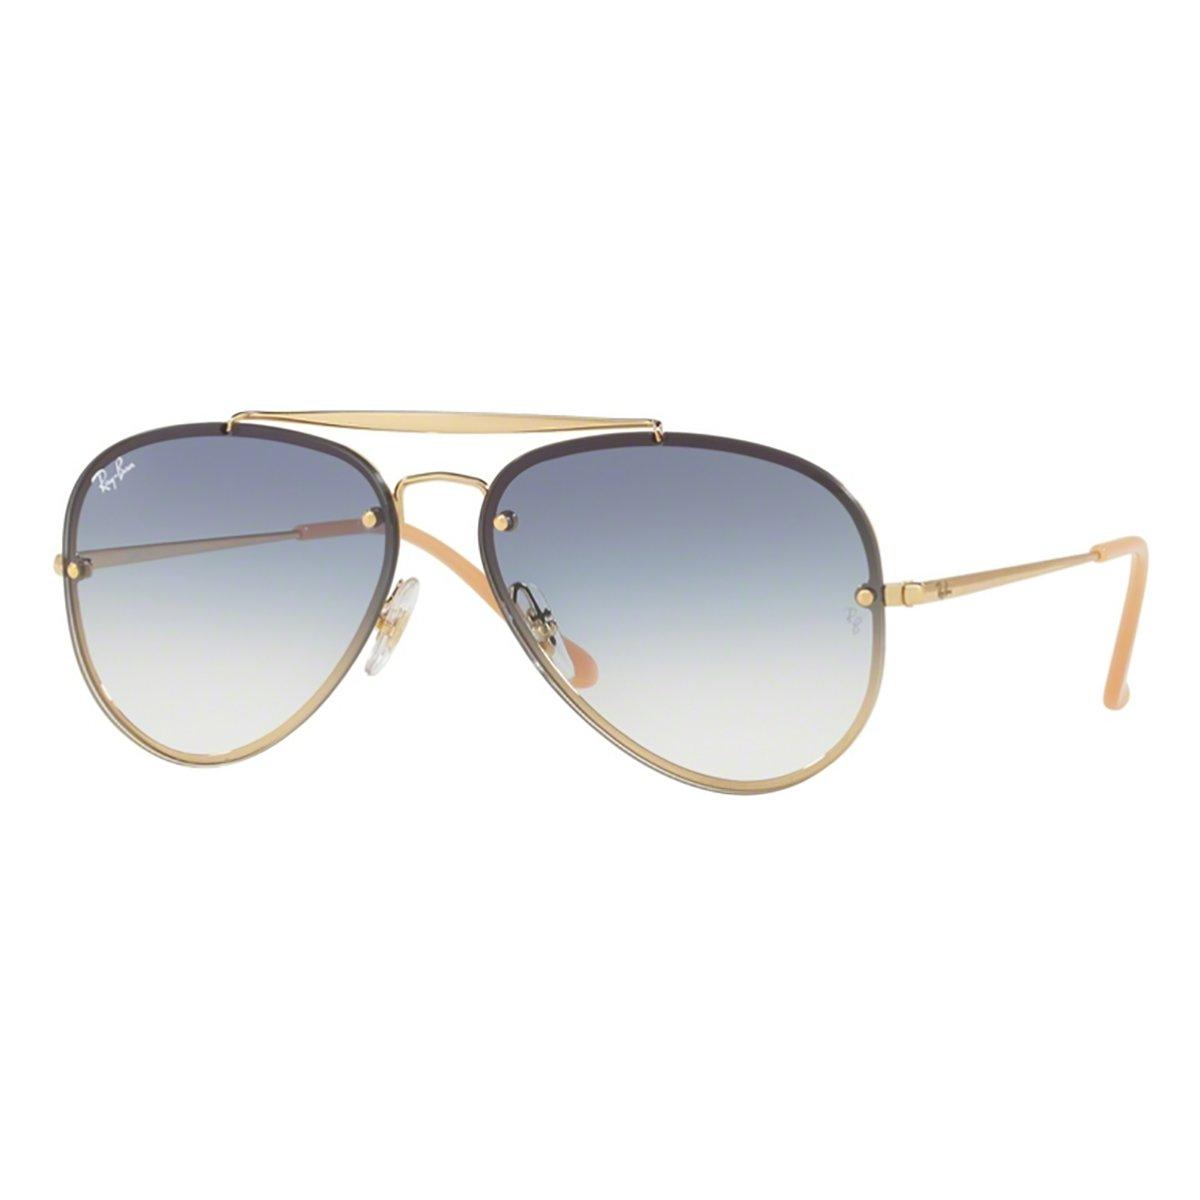 Compre Óculos de Sol Ray Ban Blaze Aviator em 10X   Tri-Jóia Shop 922470c24b